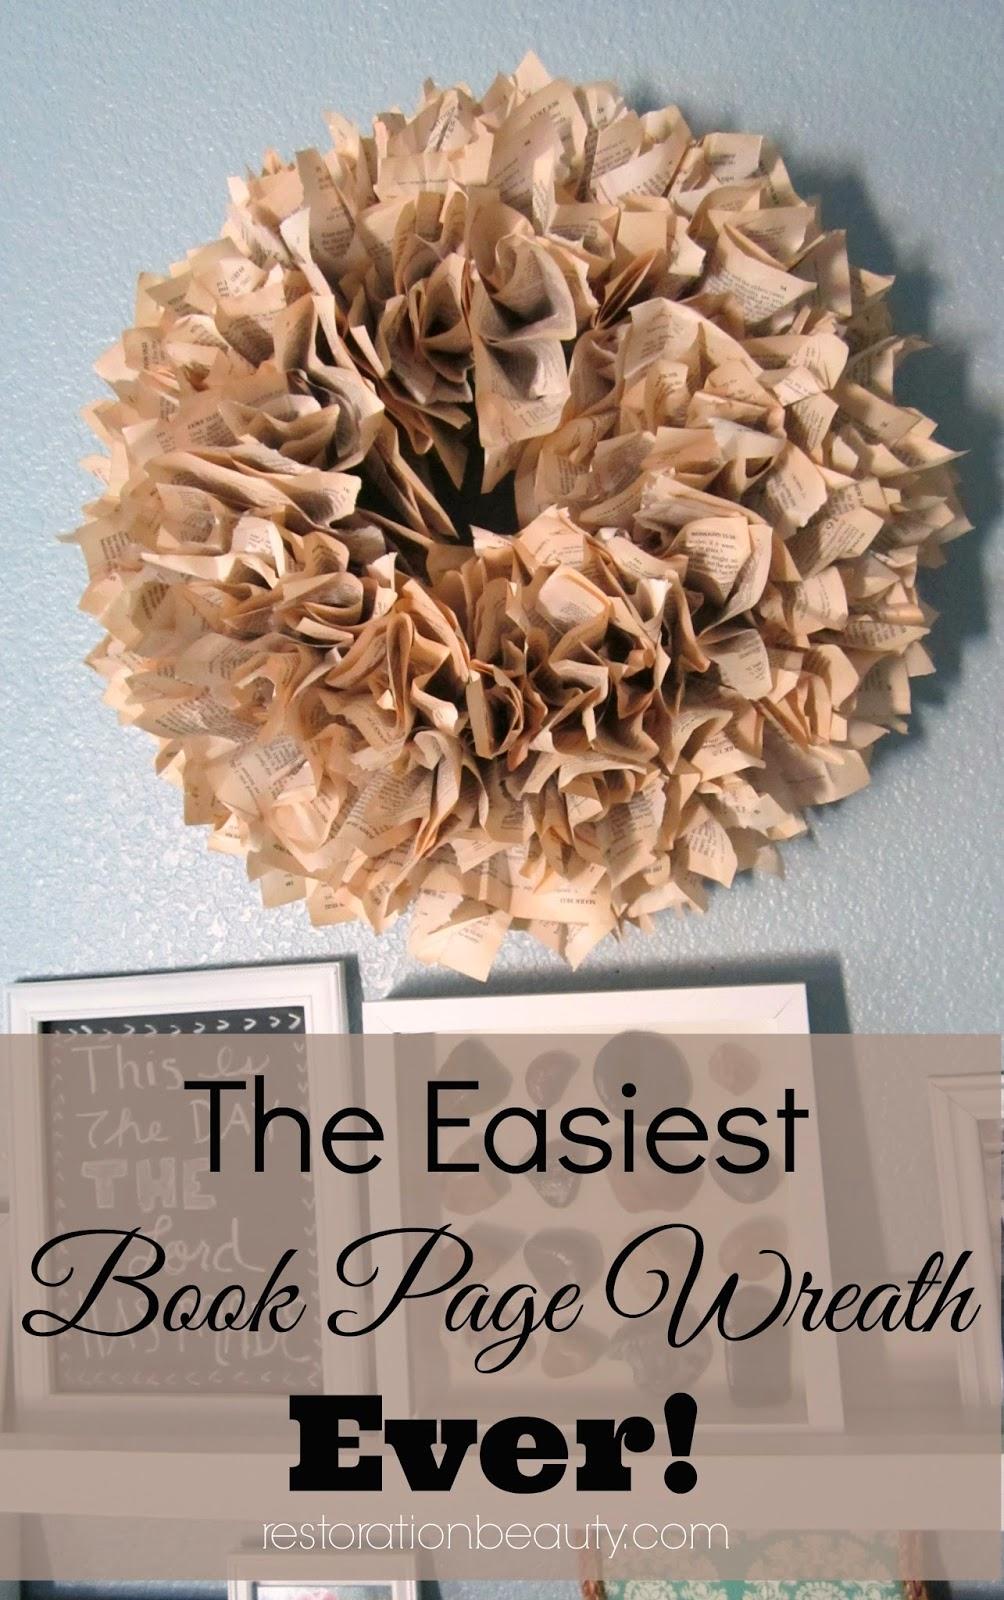 book page crafts, diy book page wreath